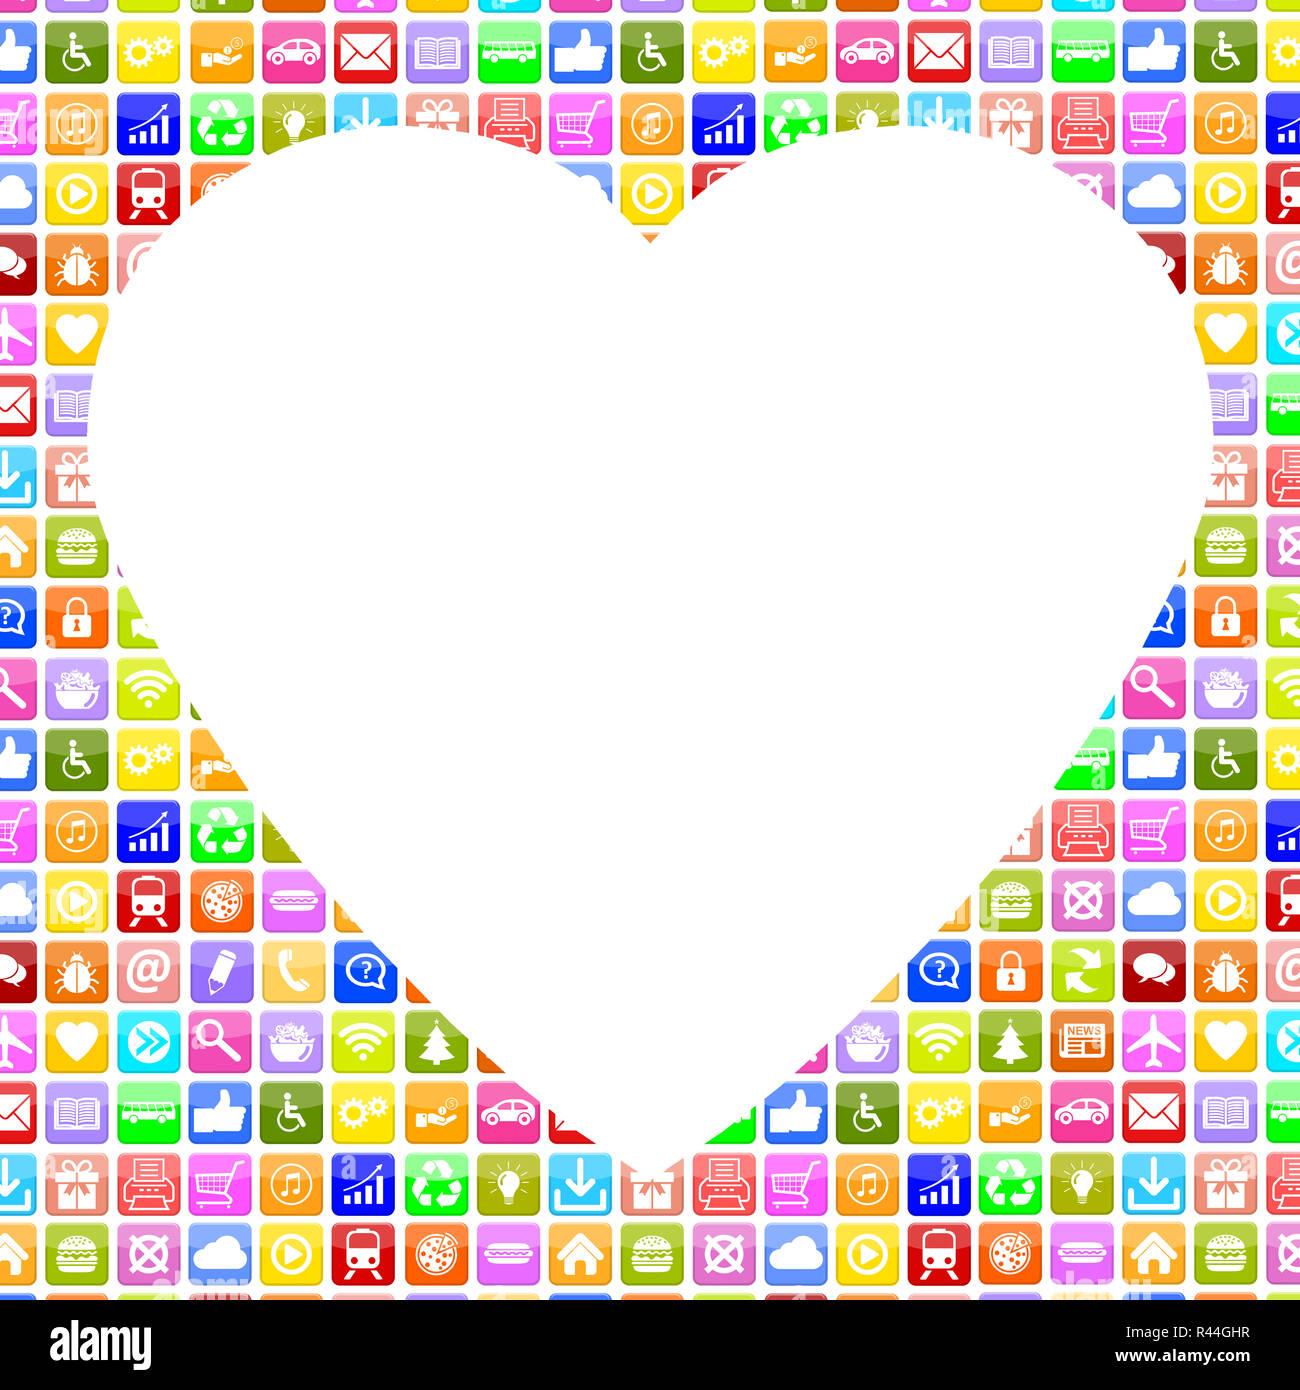 Warum würden Sie sich einer Dating-Website anschließen?